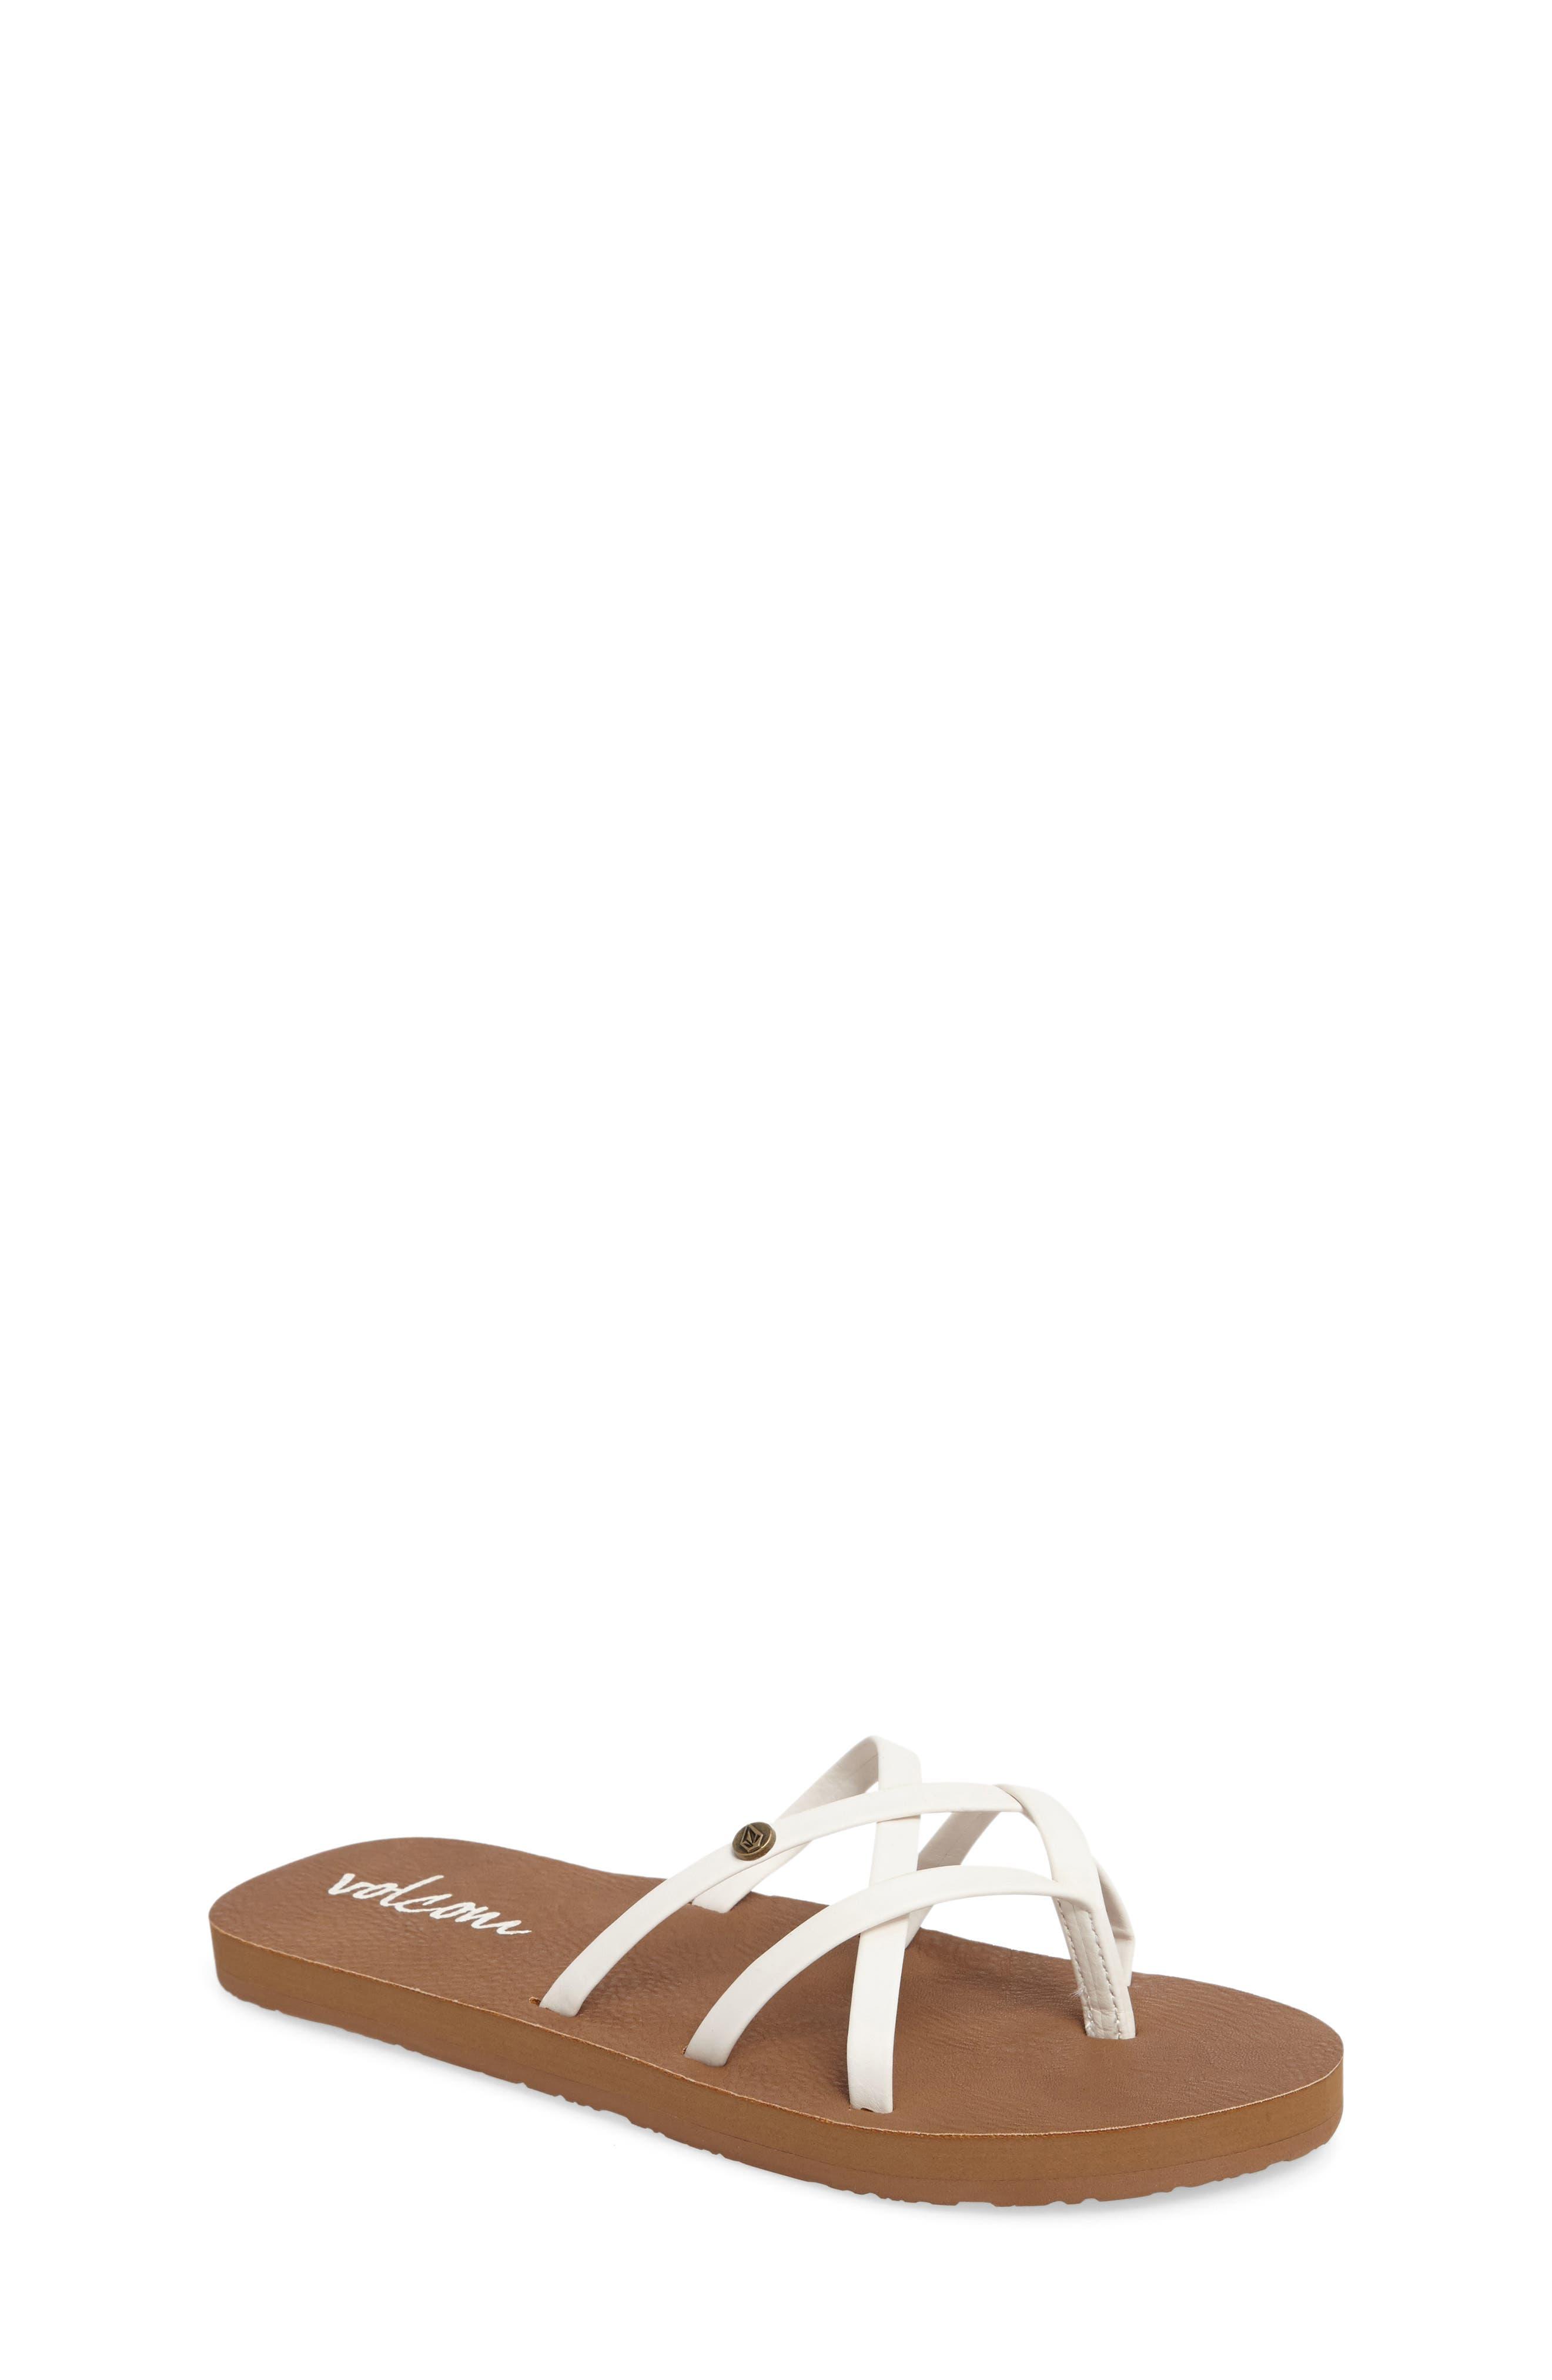 New School Flip Flop,                         Main,                         color, White